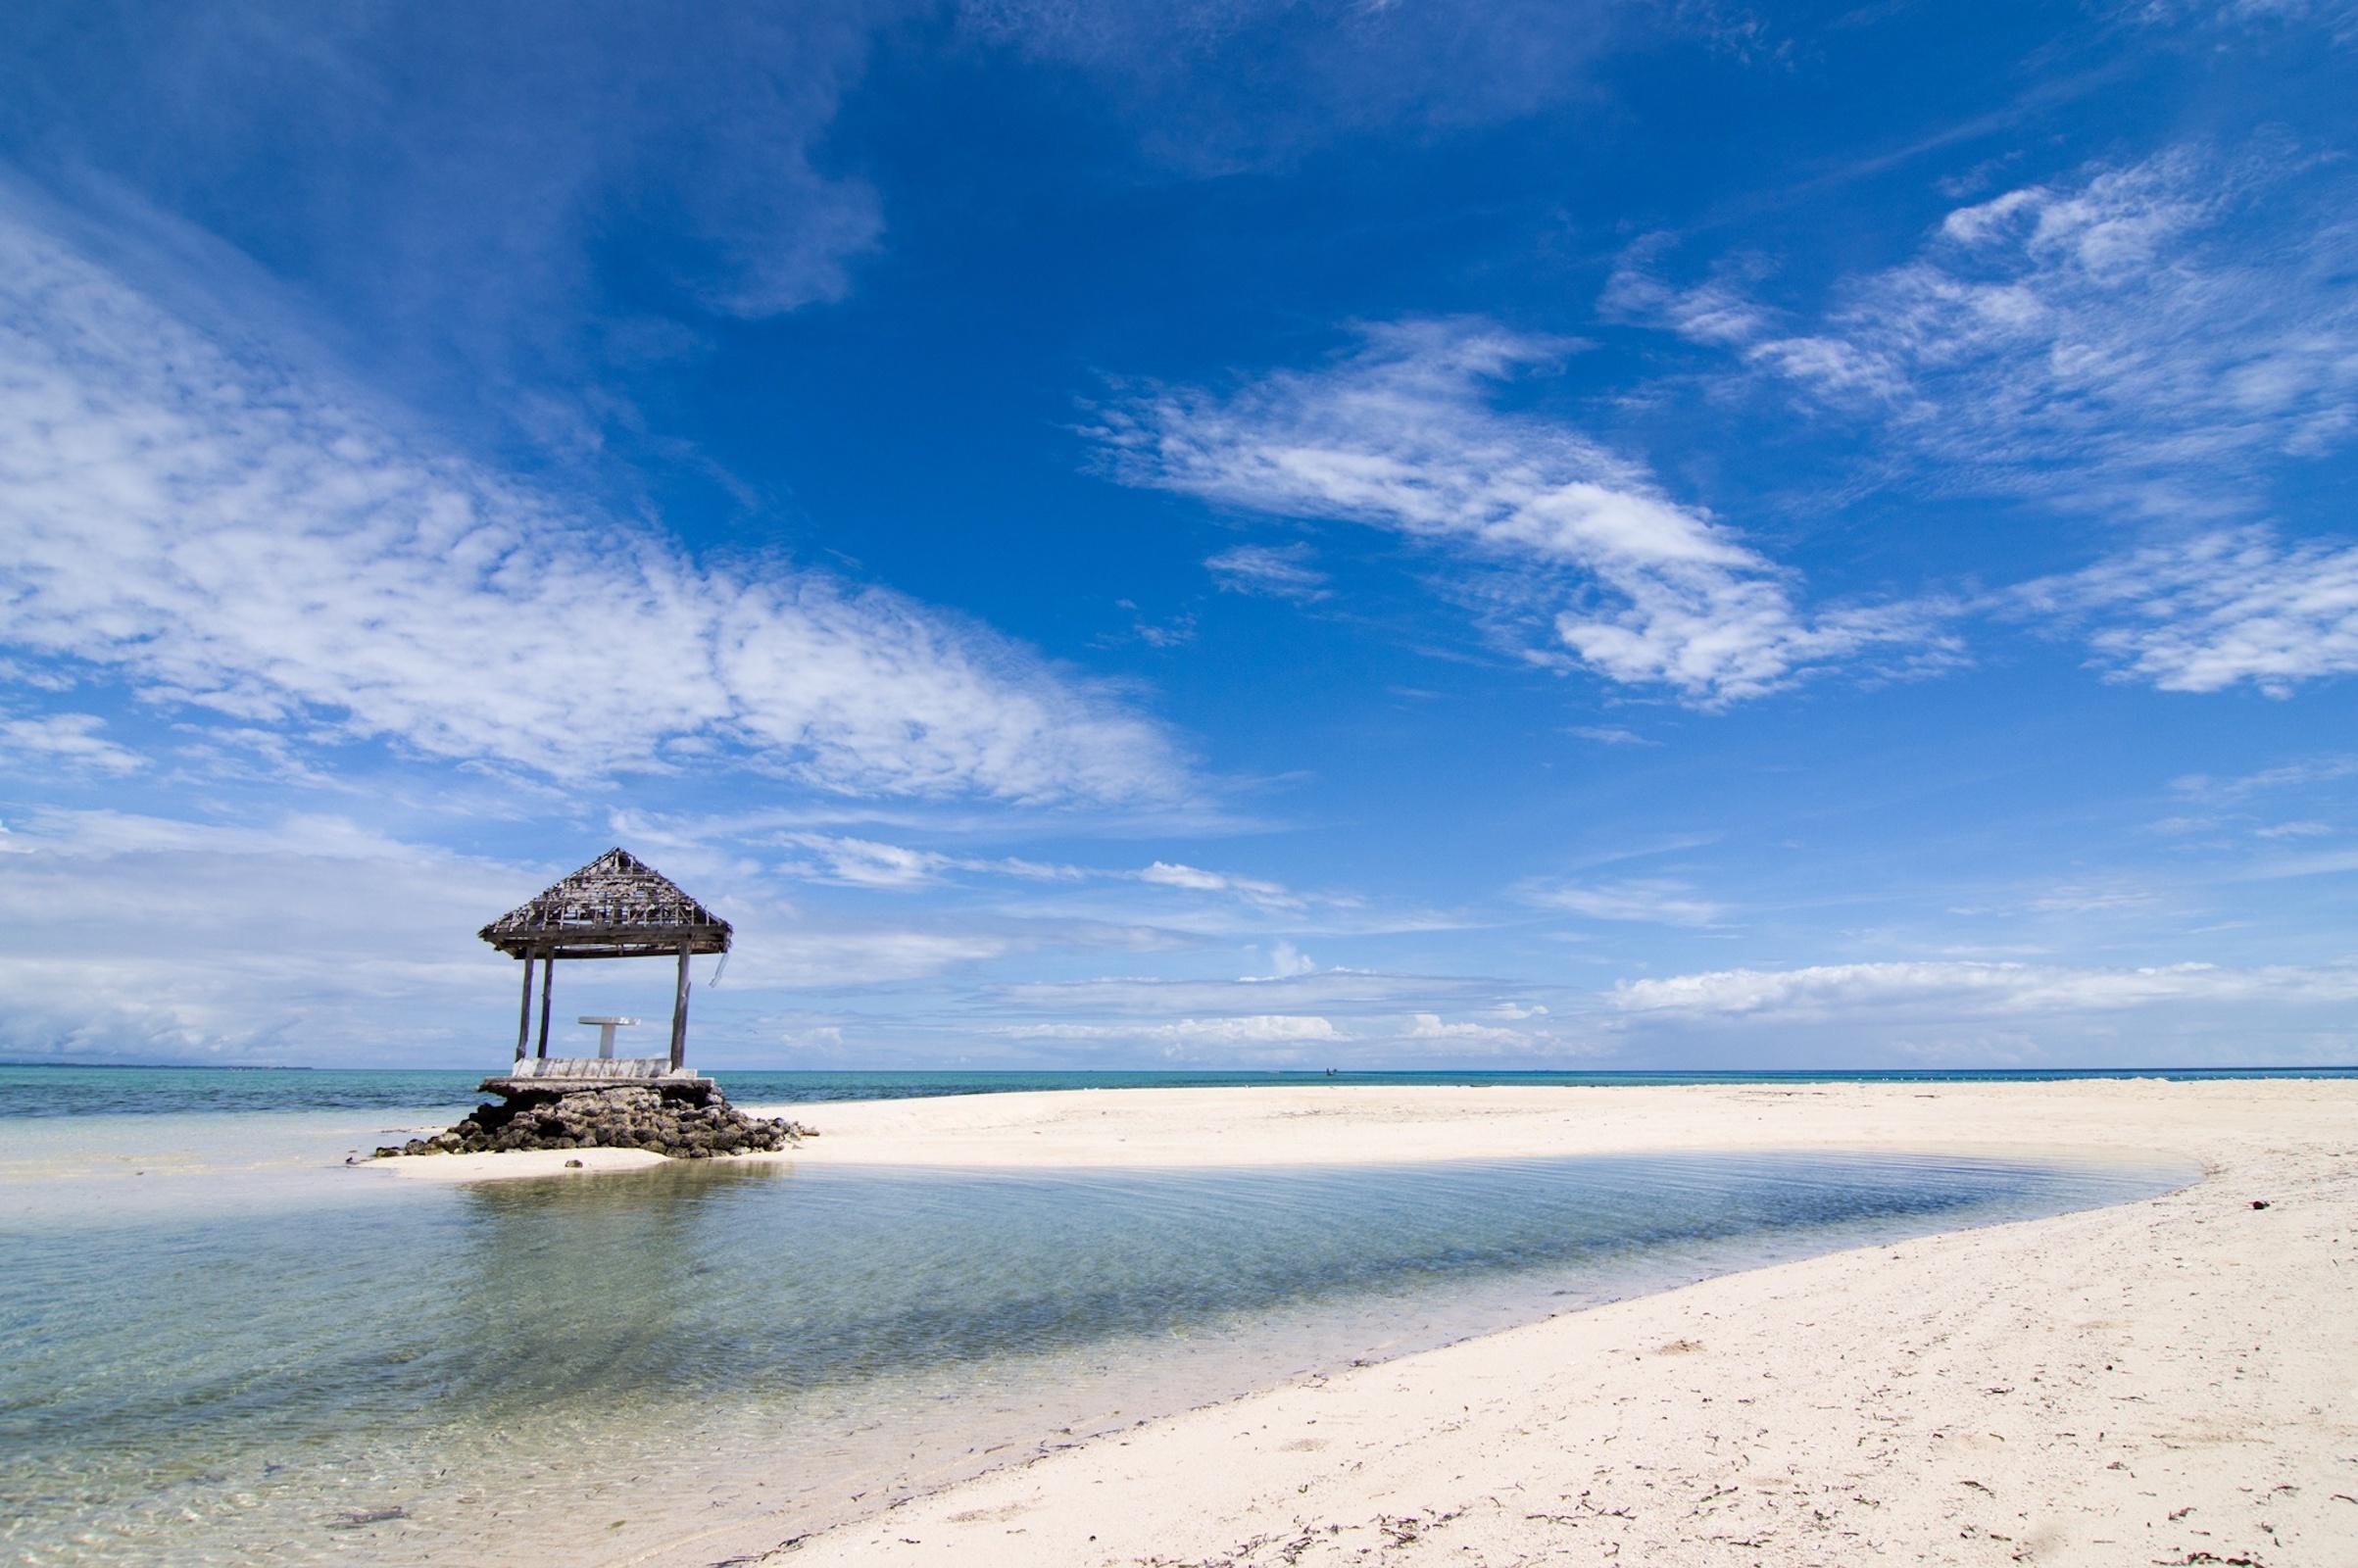 Pandanon Island in Cebu